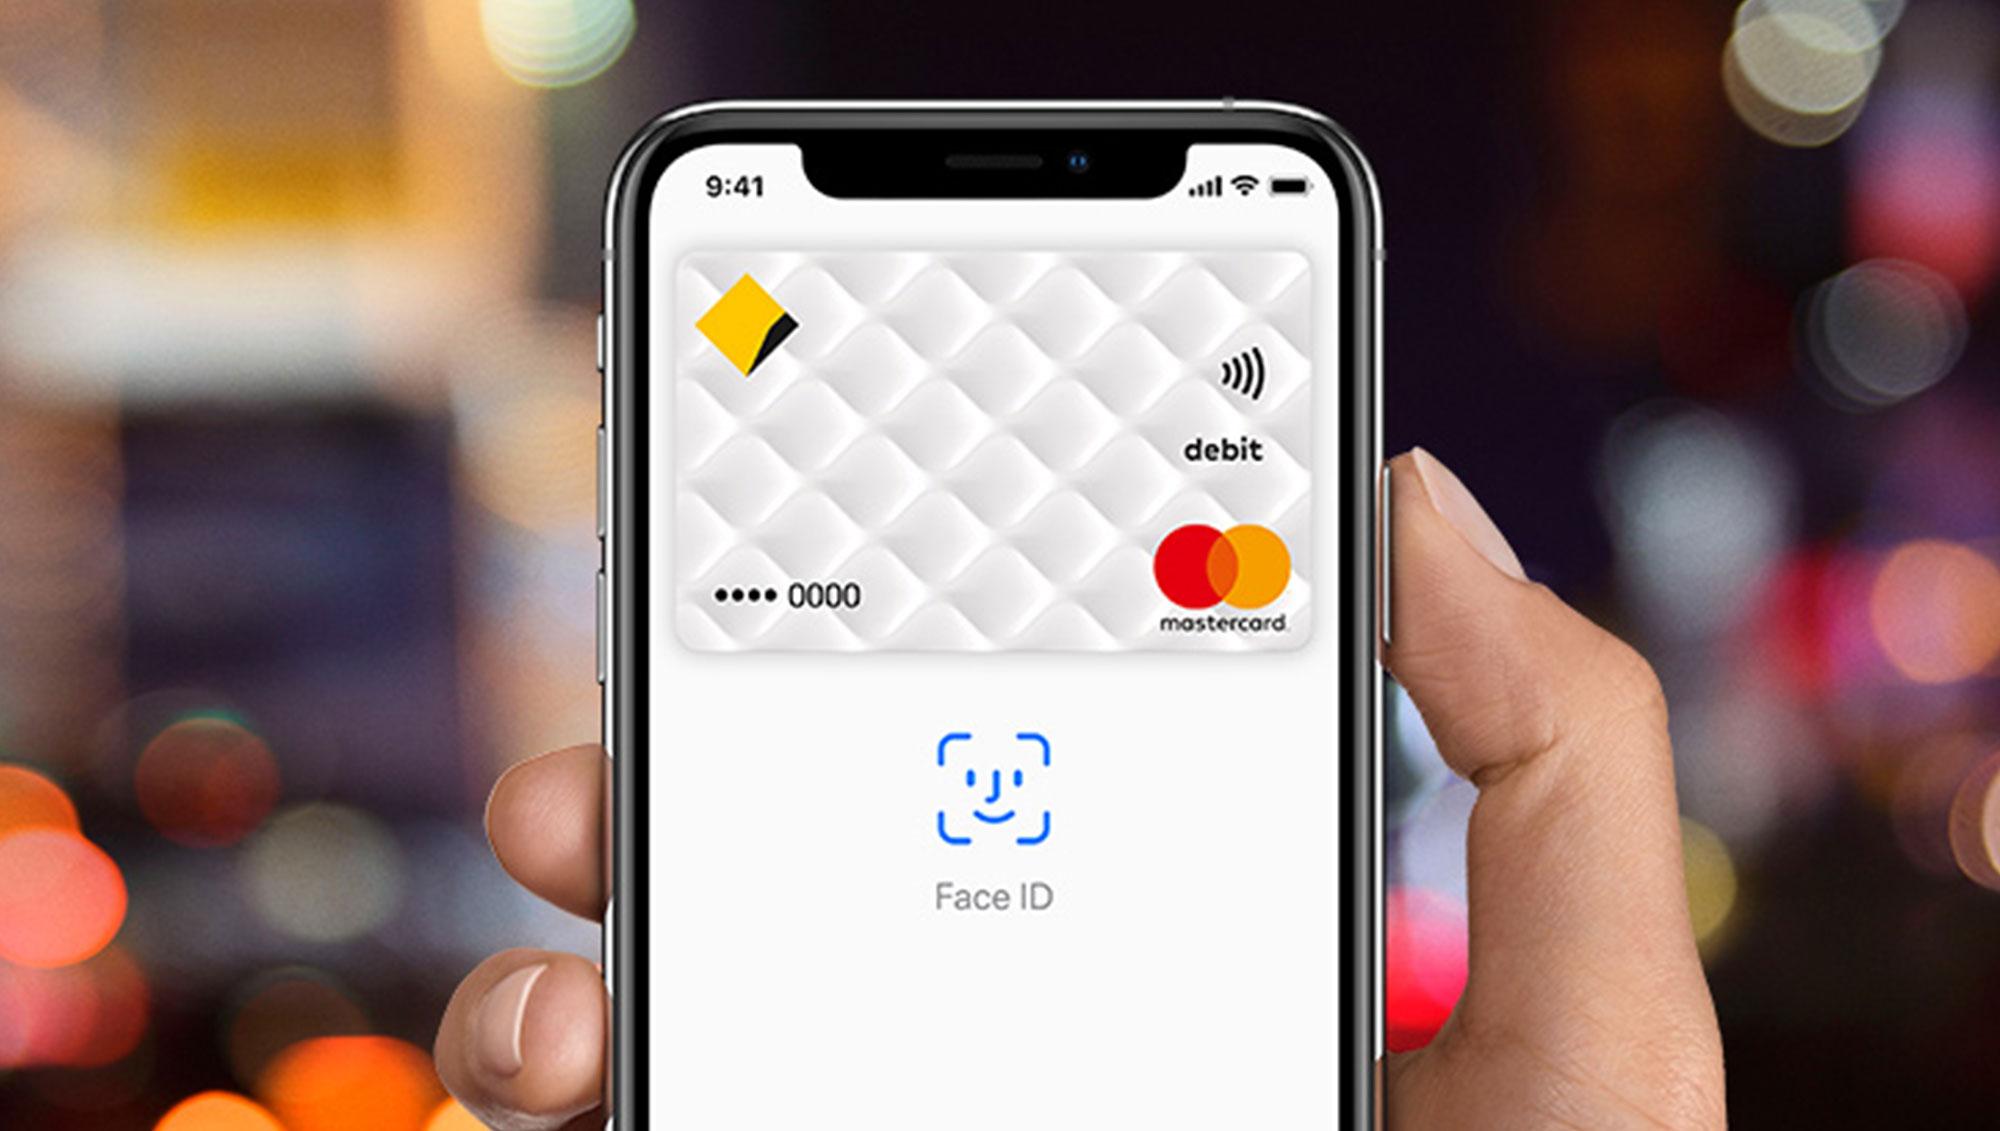 澳大利亚联邦银行现已支持ApplePay